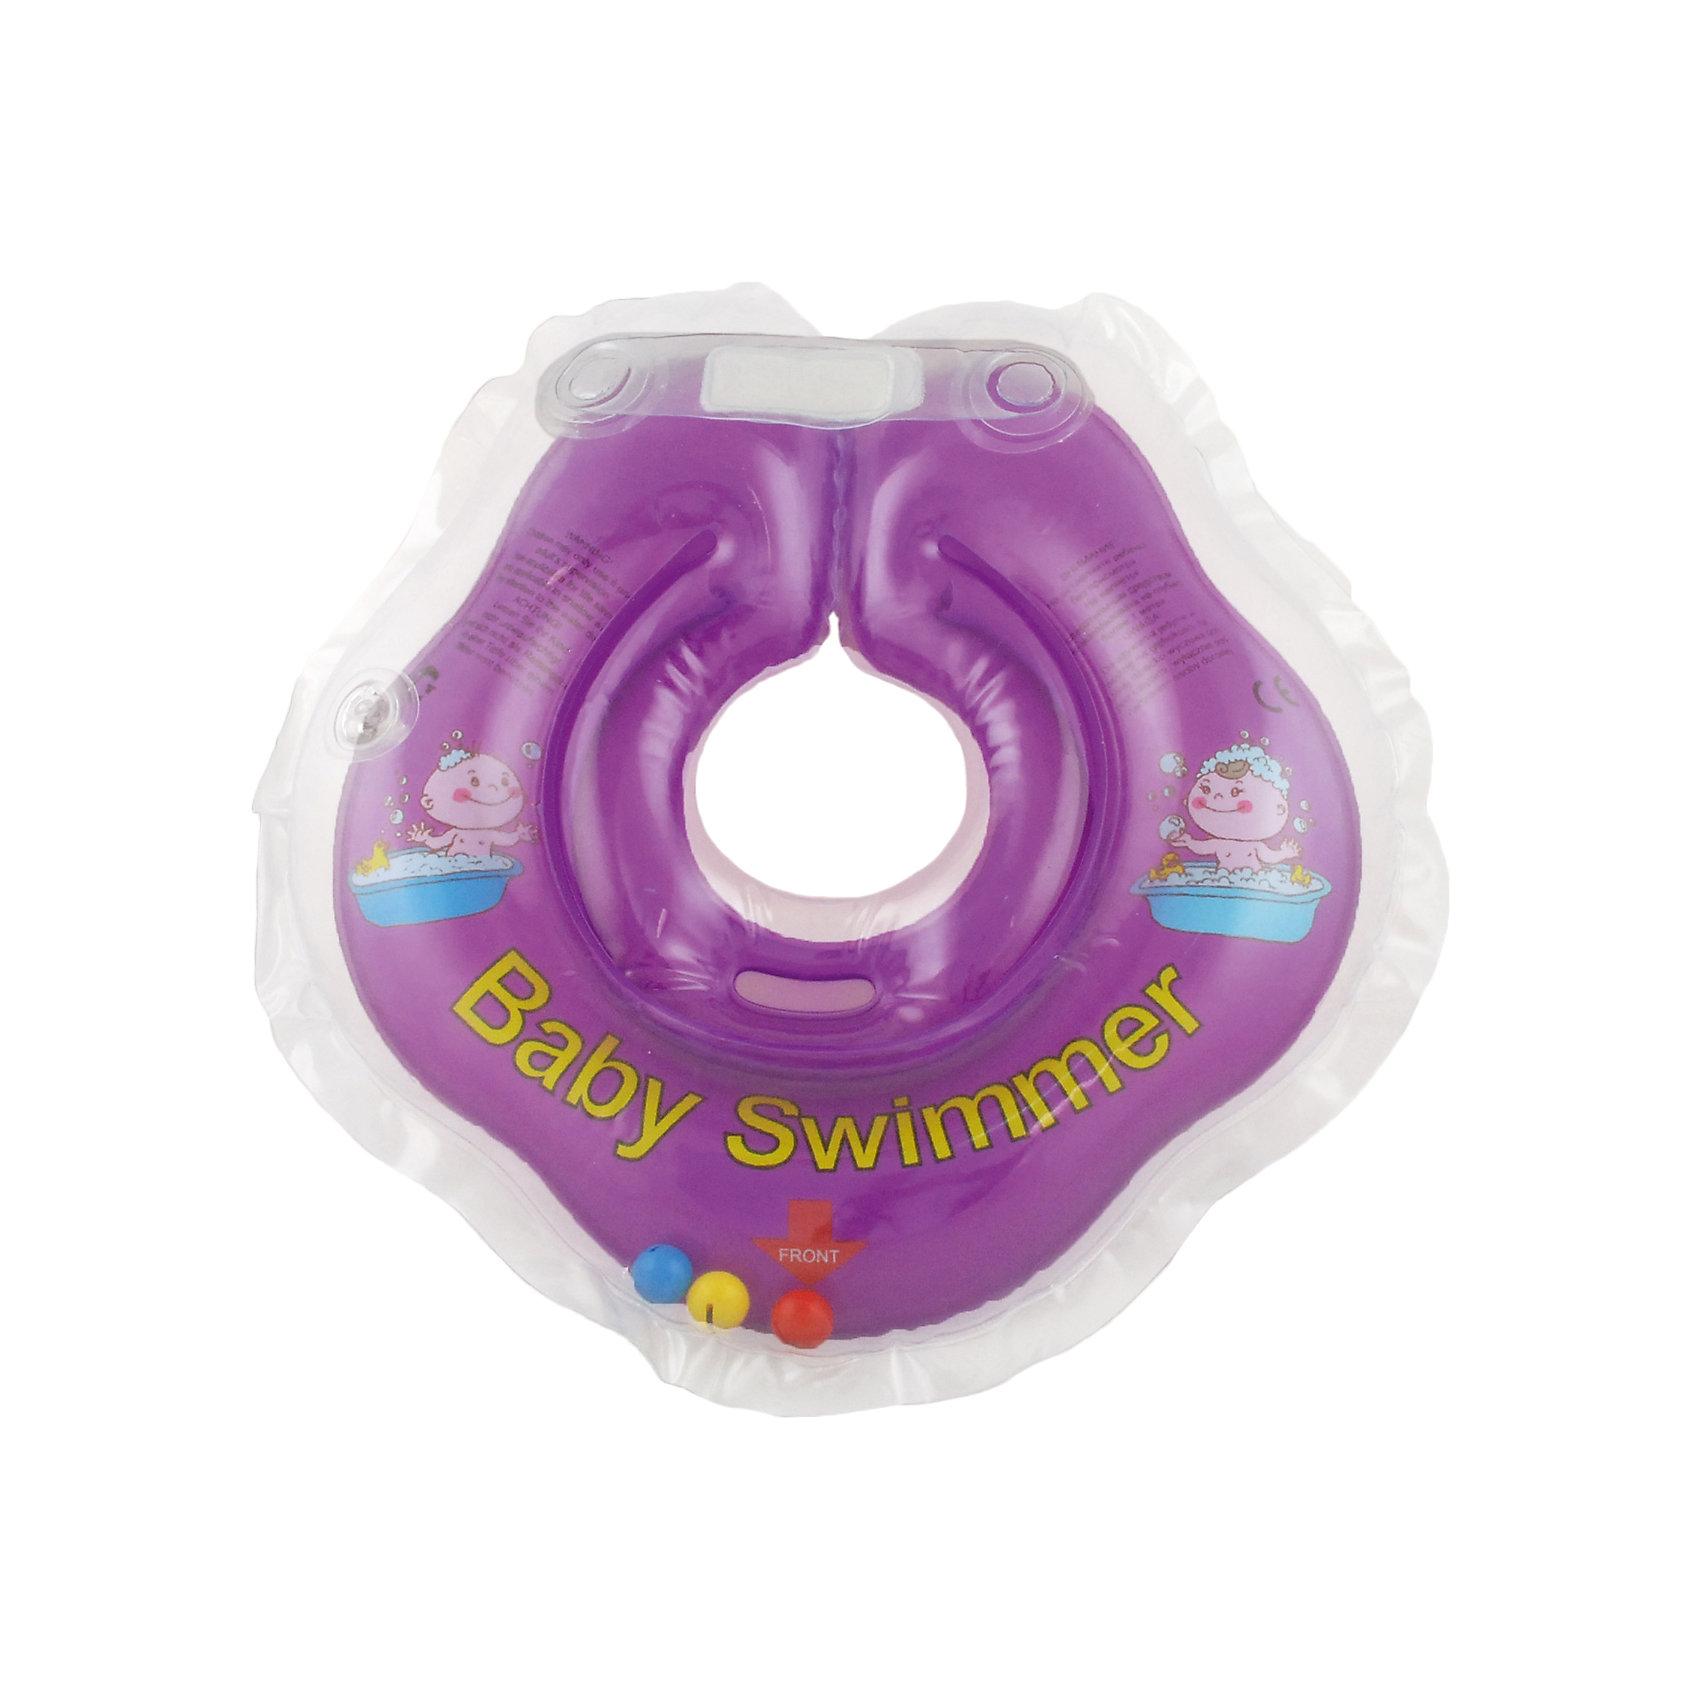 Круг для купания с погремушкой внутри BabySwimmer, фиолетовыйКруг для купания Baby Swimmer с погремушкой – улучшенная вариация классической одноименной модели. Отличительная особенность – погремушка внутри круга. Устройство обеспечит безопасность купания малыша, избавит  от страха воды и сделает водные процедуры веселой игрой. У круга есть устройство, поддерживающее подбородок, что позволит избежать проглатывание воды малышом. У круга яркие цвета, необычный дизайн и веселые картинки по бокам, которые понравится всем детям. Все материалы, использованные при разработке и изготовлении круга для купания безопасны для использования, отвечают всем требованиям экологичности и качества детских товаров, а так же гипоаллергенны.<br><br>Дополнительная информация:<br><br>модель: Baby Swimmer;<br>цвет: фиолетовый.<br><br>Круг для купания с погремушкой внутри Baby Swimmer можно приобрести в нашем магазине.<br><br>Ширина мм: 150<br>Глубина мм: 40<br>Высота мм: 150<br>Вес г: 140<br>Возраст от месяцев: 0<br>Возраст до месяцев: 24<br>Пол: Унисекс<br>Возраст: Детский<br>SKU: 4968102